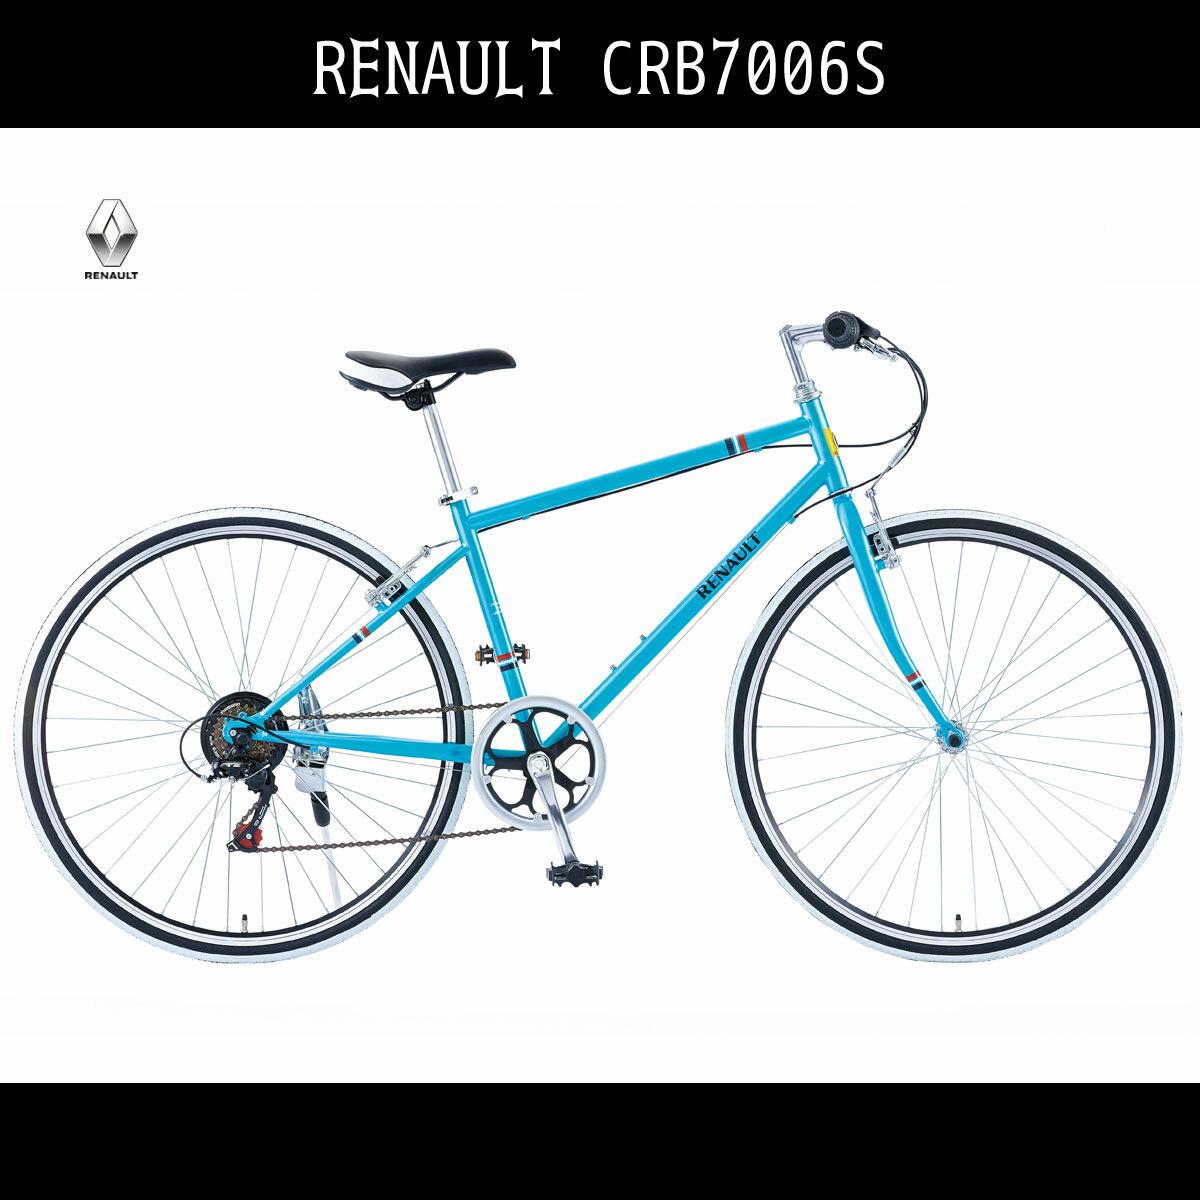 【スーパーセール 限定クーポン配布!】クロスバイク 自転車 ルノー RENAULT 自転車 ブルー 青700c クロスバイク 軽量 外装6段変速ギア付き CRB7006S ルノー 自転車 通販 おしゃれ